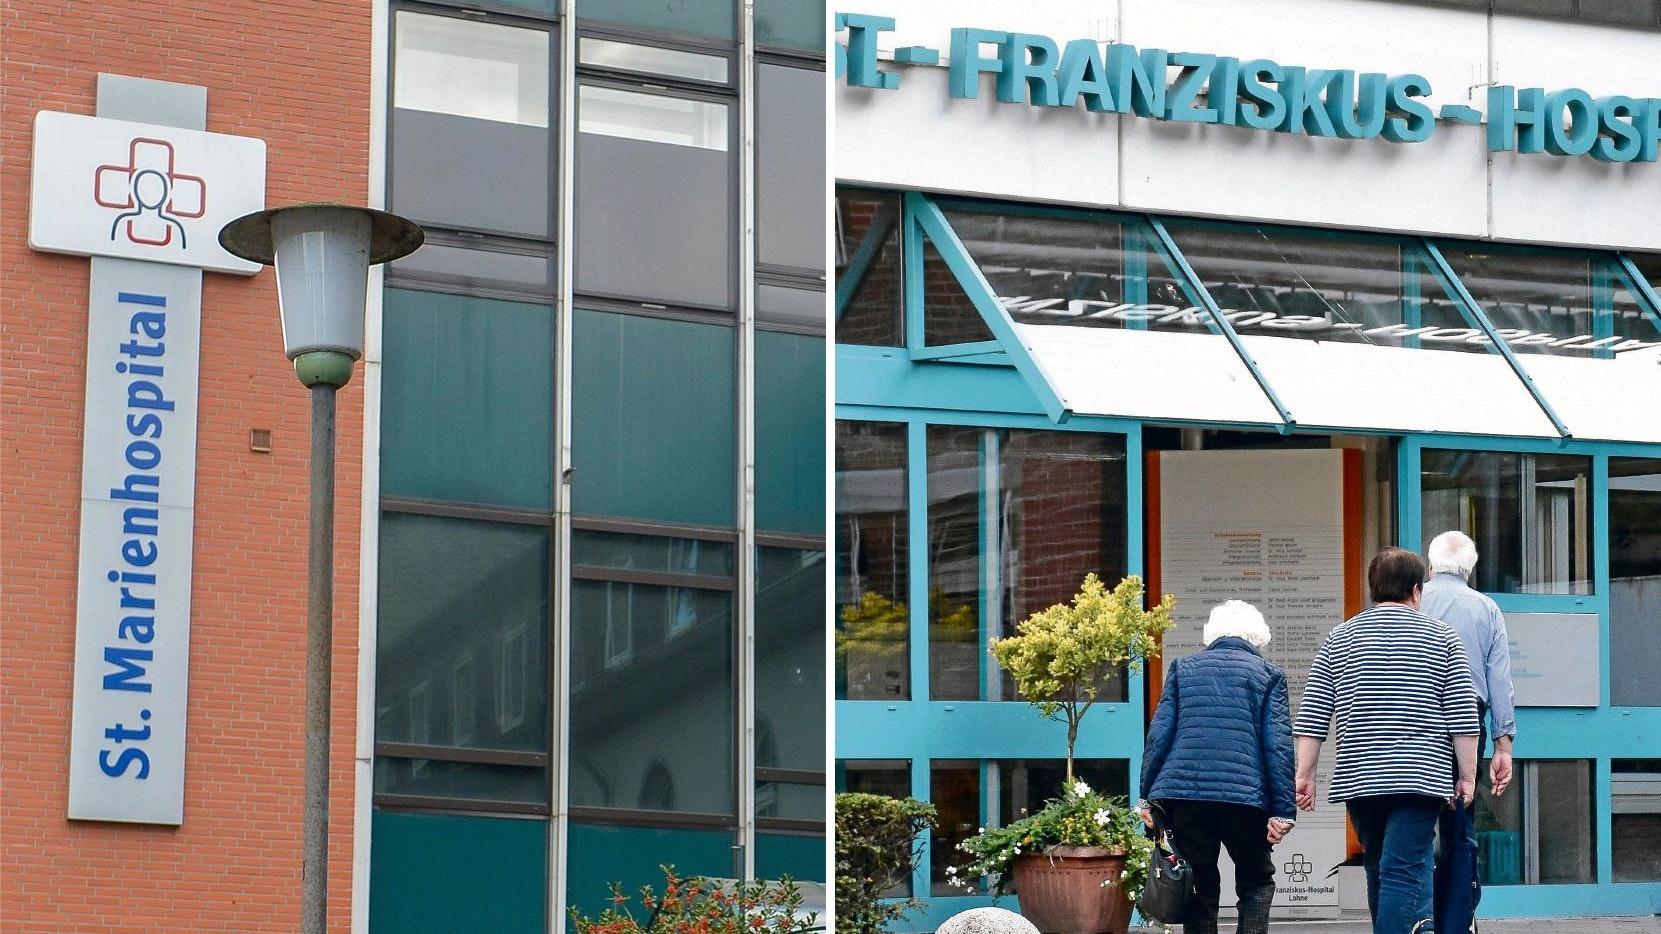 Aus 2 Häusern soll 1 werden – an einem neuen Standort: Um die Gesundheitsversorgung im Landkreis Vechta zukunftssicher aufzustellen, sollen die Kliniken in Vechta und Lohne fusionieren. Fotos: Chowanietz/Timphaus